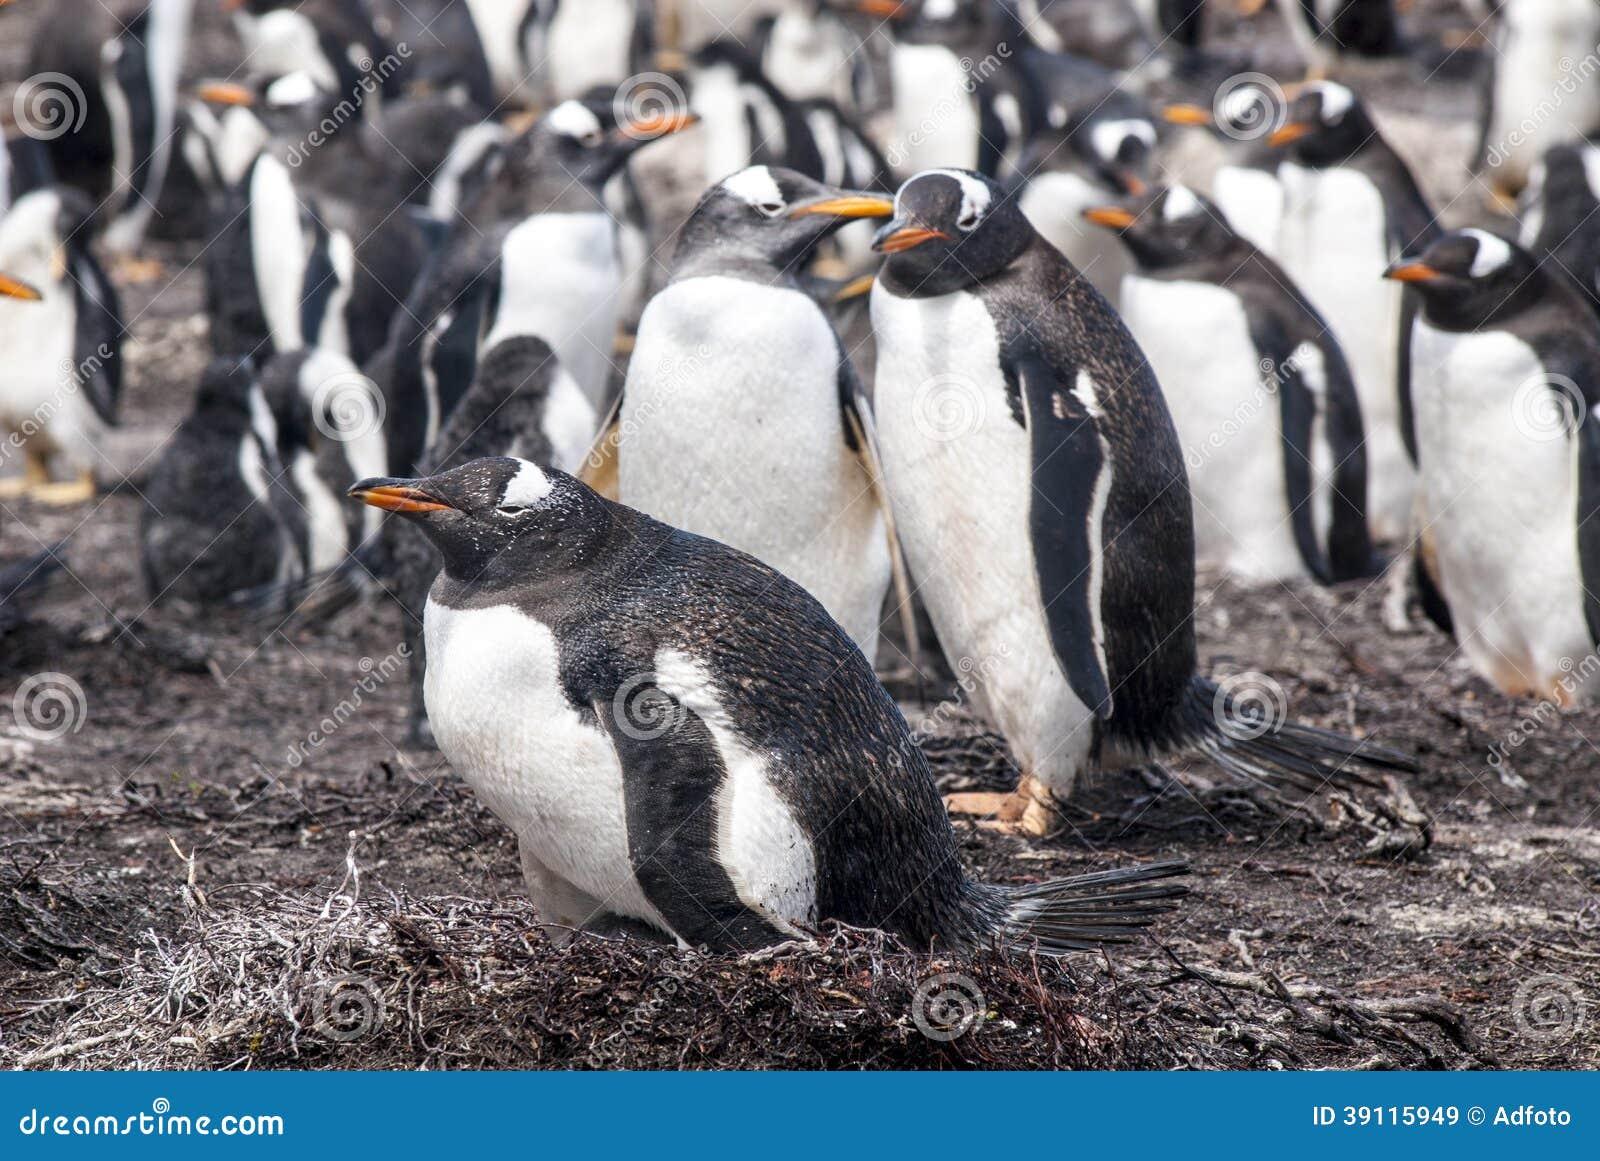 Kolonie van Gentoo-Pinguïn - Falkland Islands